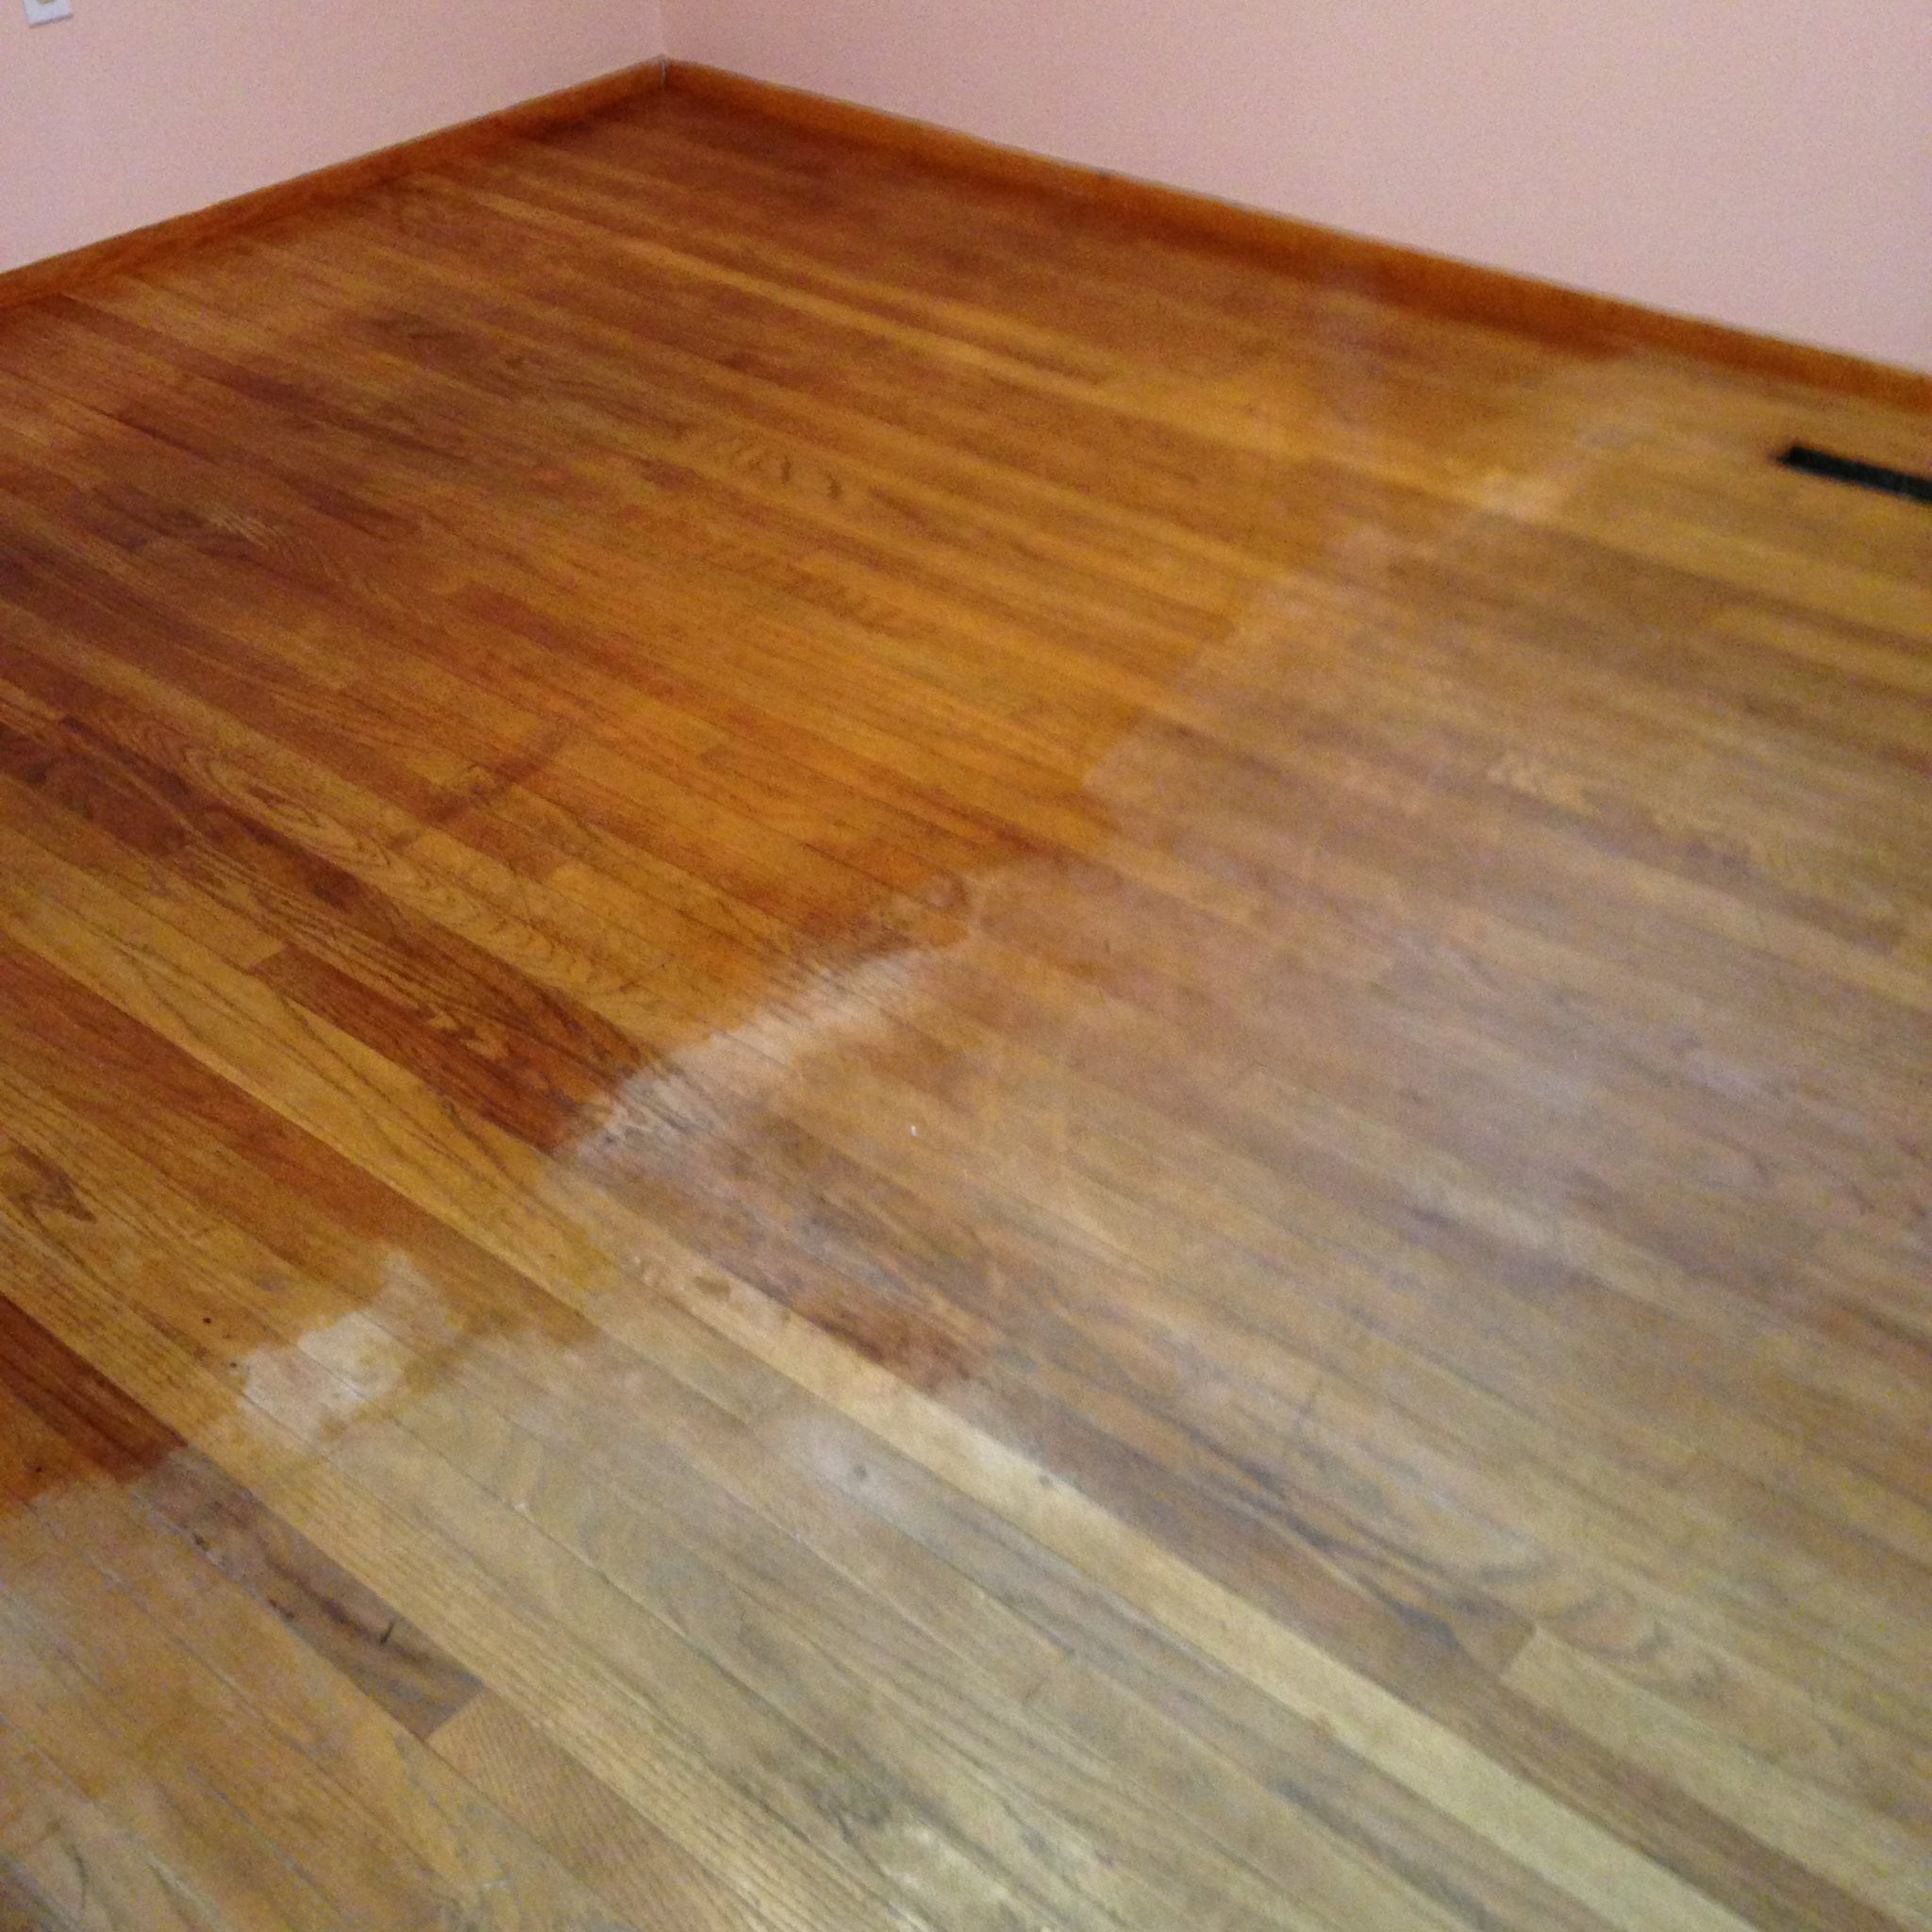 best diy hardwood flooring of 15 wood floor hacks every homeowner needs to know throughout wood floor hacks 15